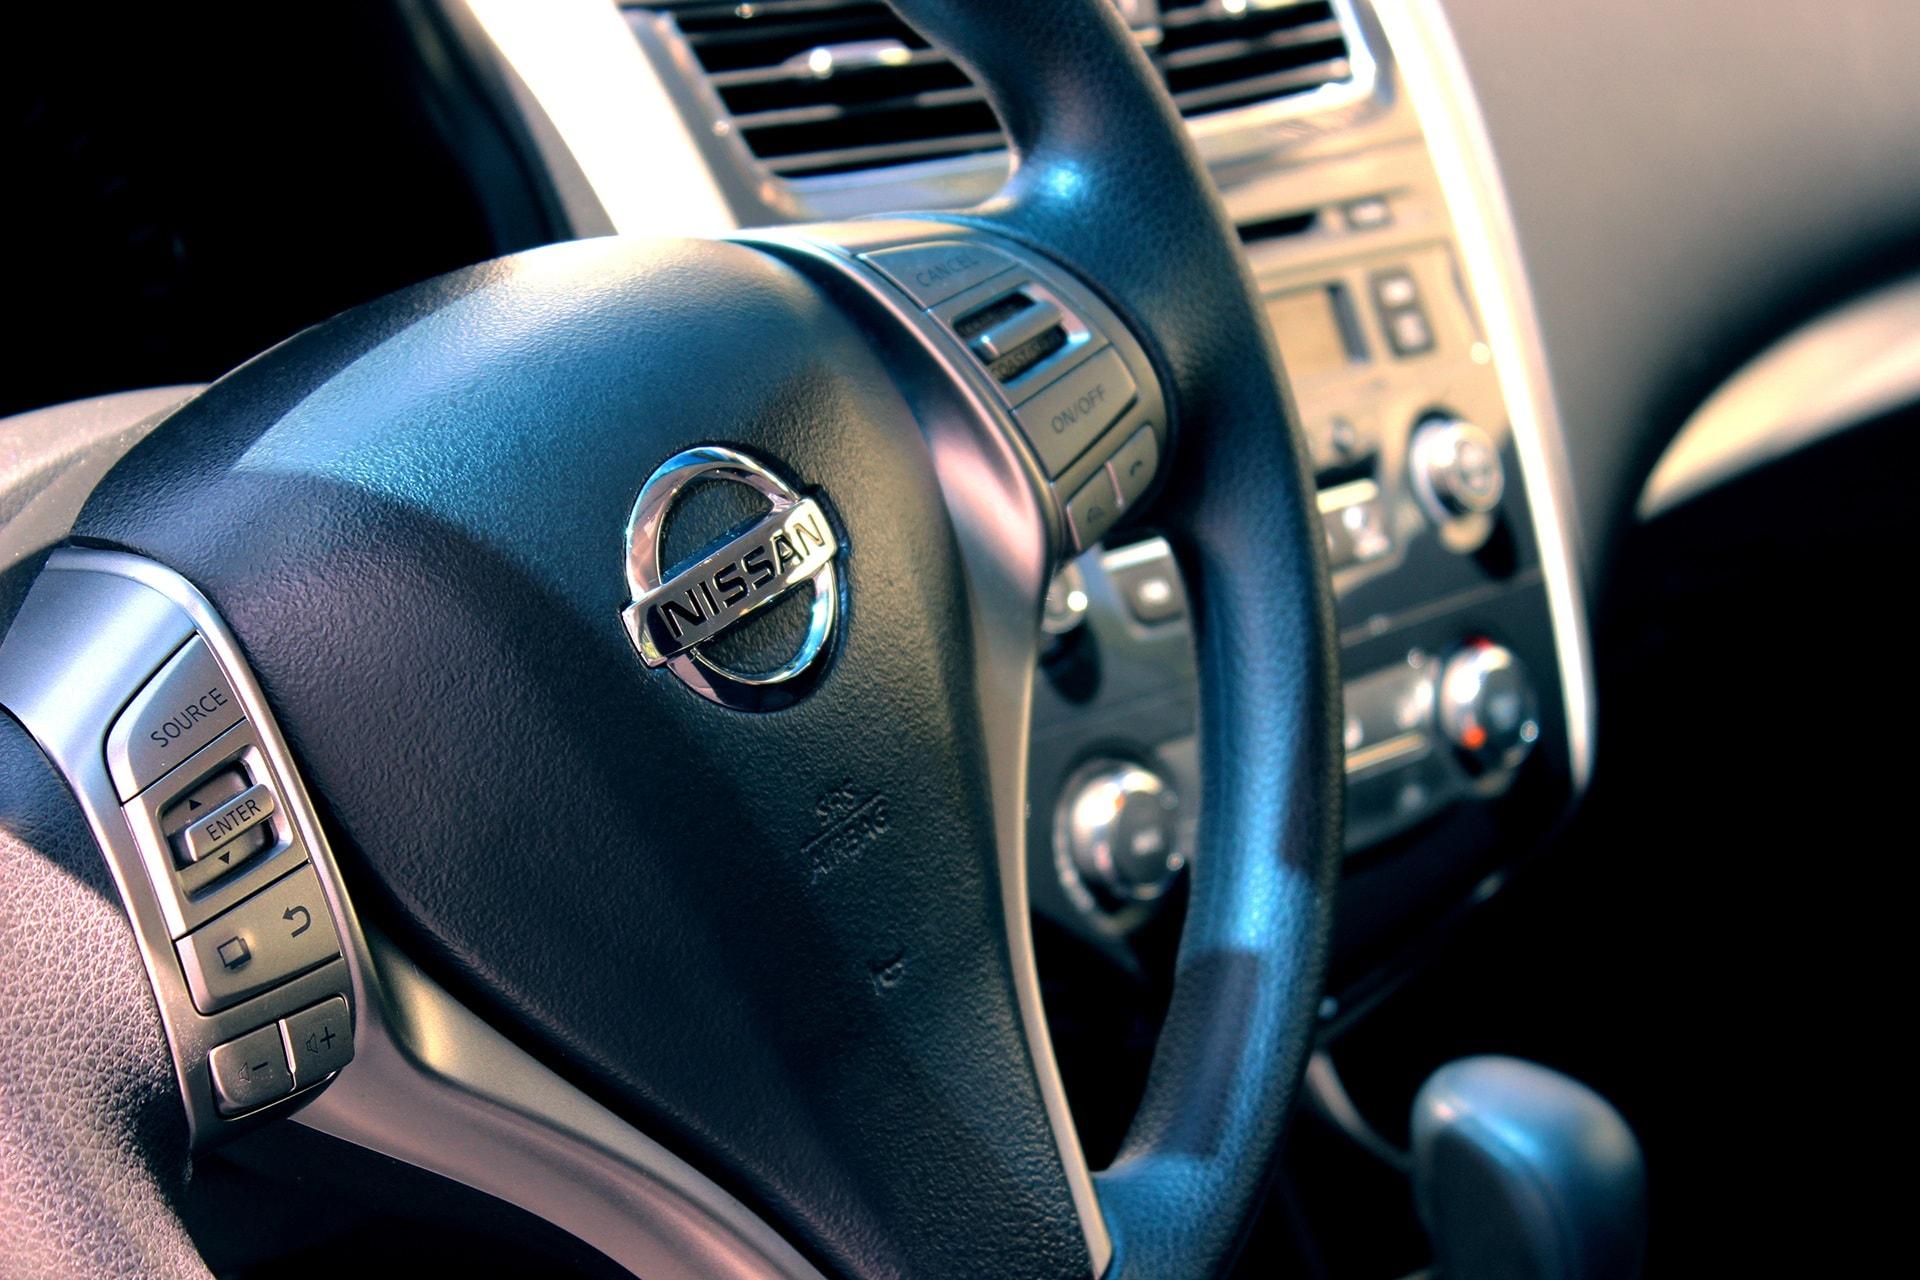 Nissan признает фальсификацию данных о выбросах на автомобилях, изготовленных в Японии